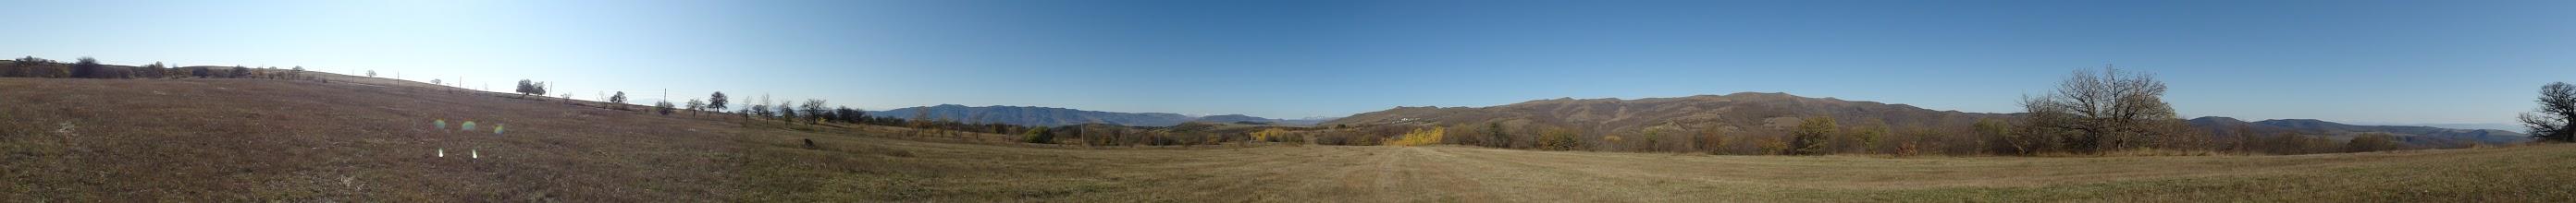 Photo: Widok z drogi Orbeti - Didi Toneti. Od lewej na horyzoncie od południa poczynając:  1. pasmo ze szczytami Lalvar (2556 m. n.p.m., odległość 61 km) i Ledzhan (2530 m. n.p.m.) w Armenii oraz niższa część tego pasma na granicy armeńsko-gruzińskiej, 2. dużo bliżej położony Grzbiet Bedeni (1951 m. n.p.m.), 3. Pasmo Abul-Samsarskie (ośnieżone, odległość ok. 70 km), 4. odnoga Grzbietu Trialeckiego (1792 m. n.p.m., znowu bliżej), 5. najwyższa część Grzbietu Trialeckiego ze szczytem Ardzhevani (2759 m. n.p.m., odległość 44 km), 6. Grzbiet Kartalinia (w jego obniżeniach po prawej w dali widoczny ośnieżony główny grzbiet Kaukazu).